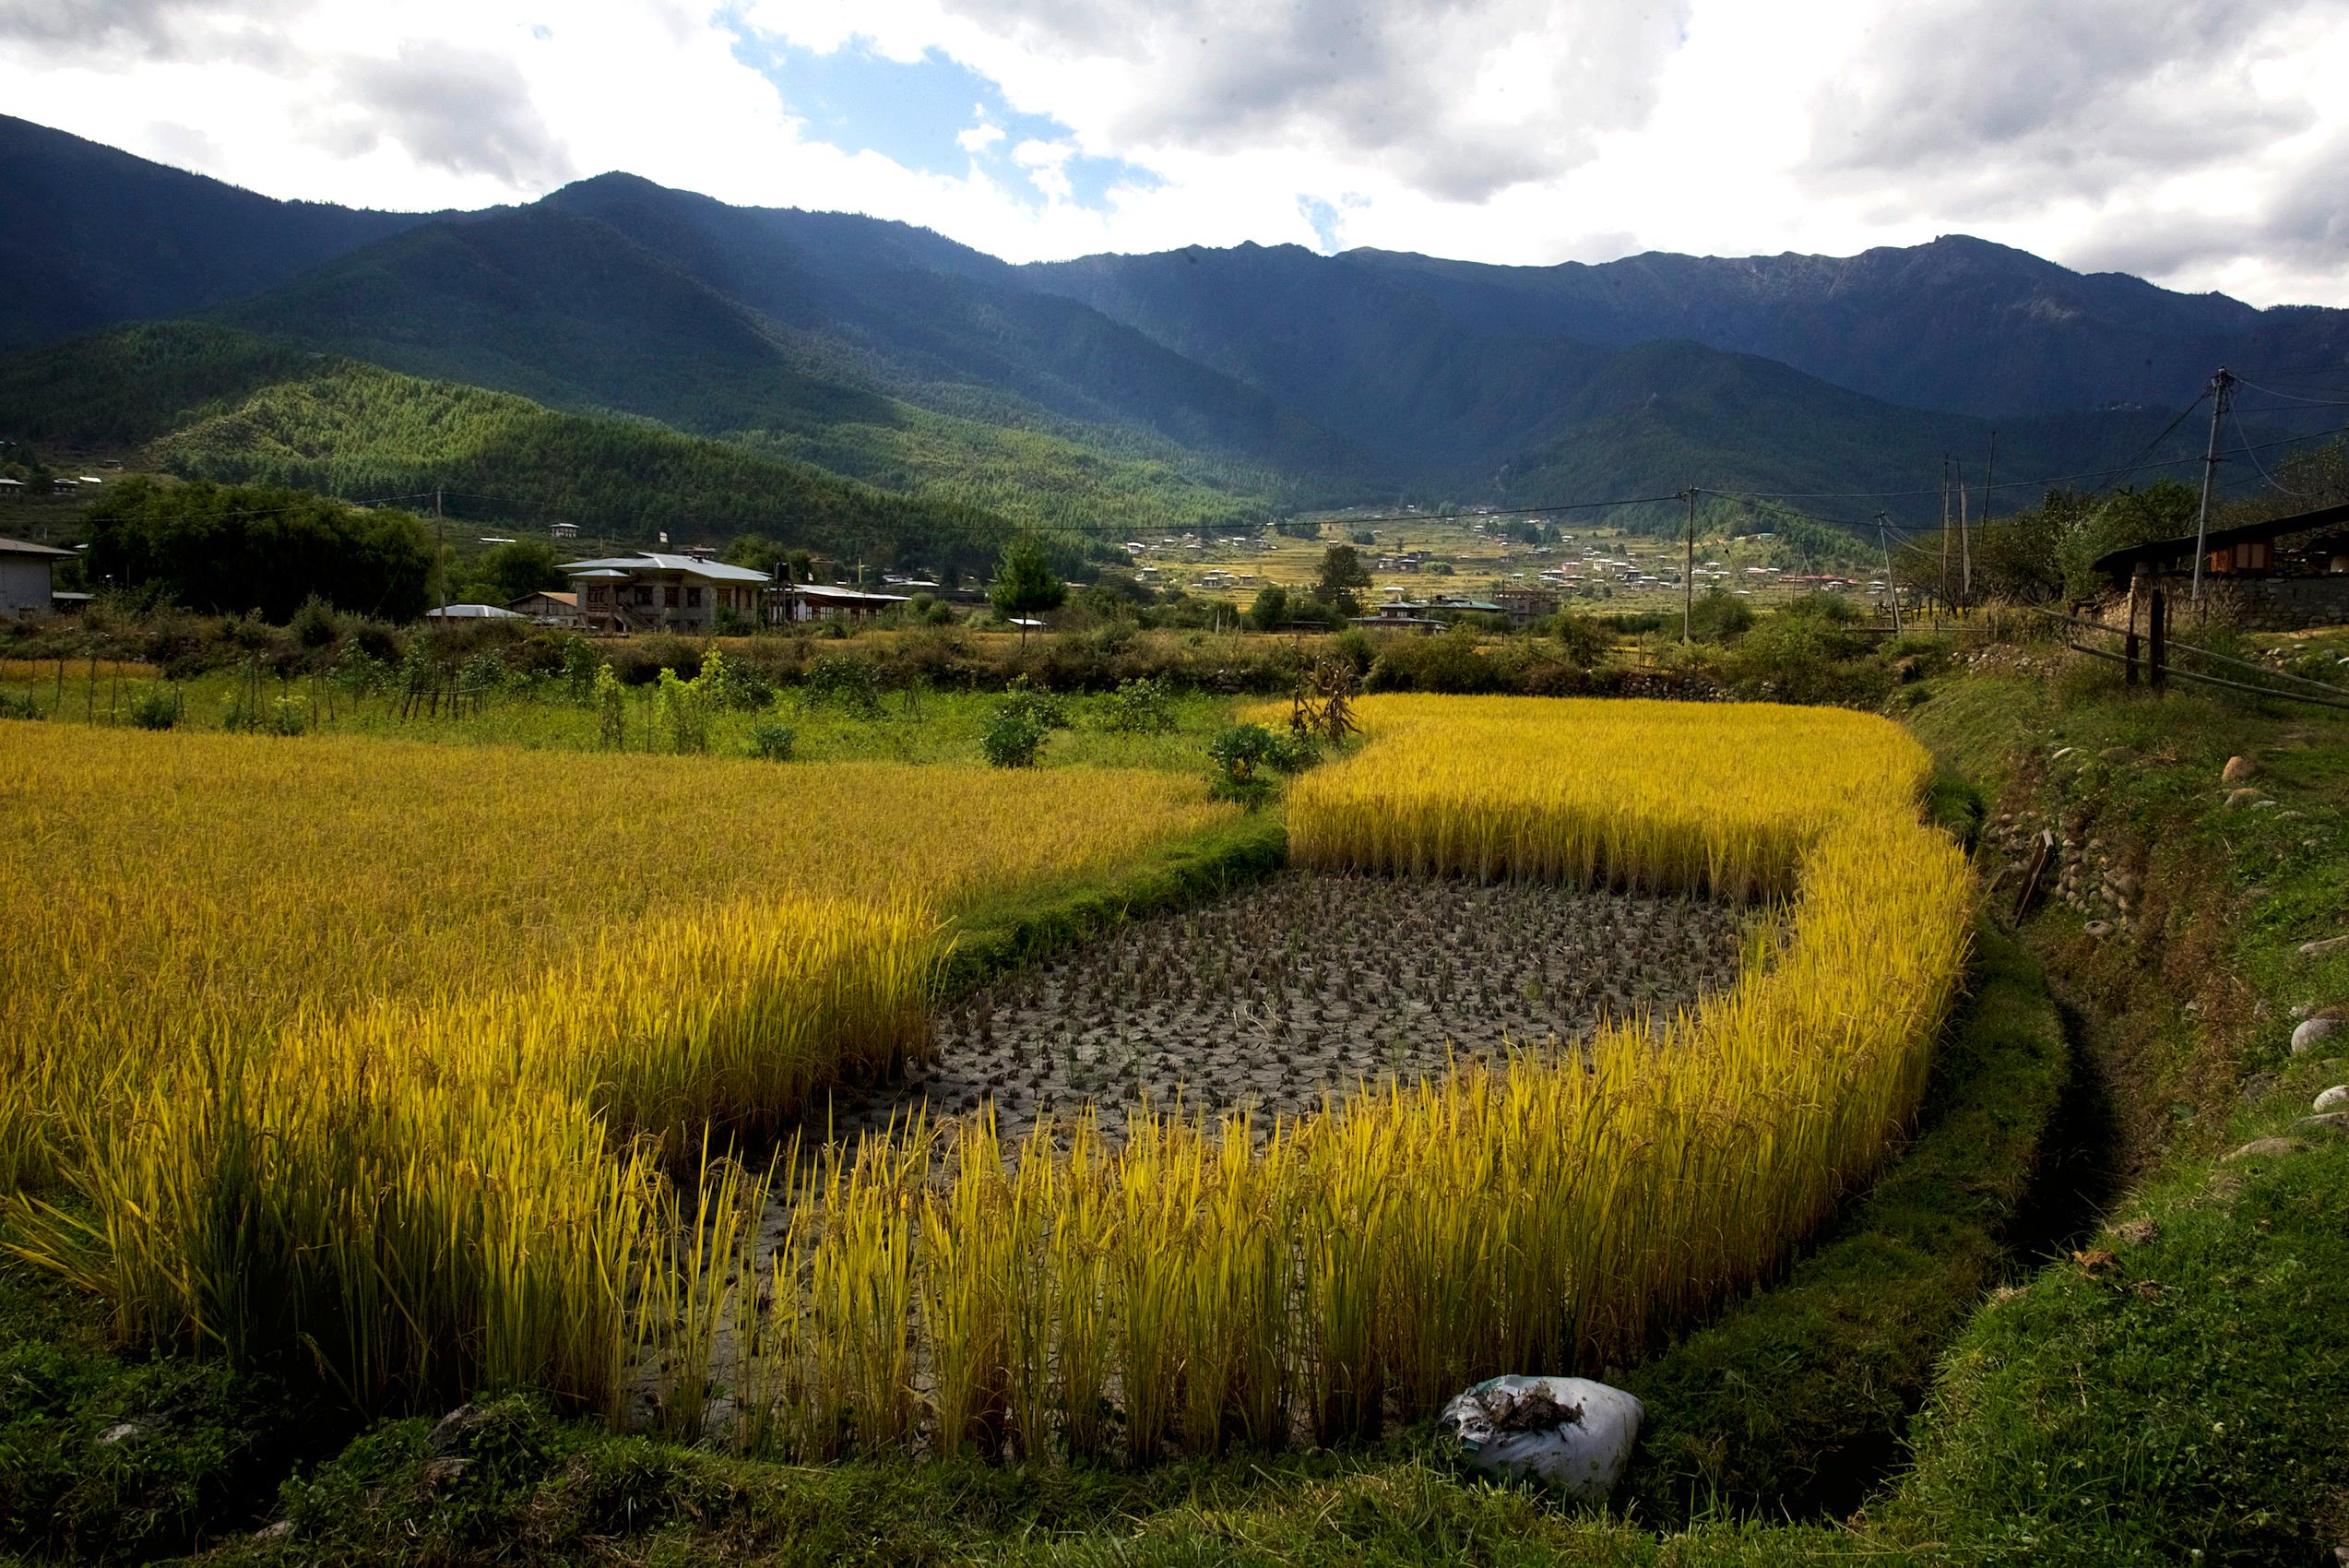 Bhutan landscape photos